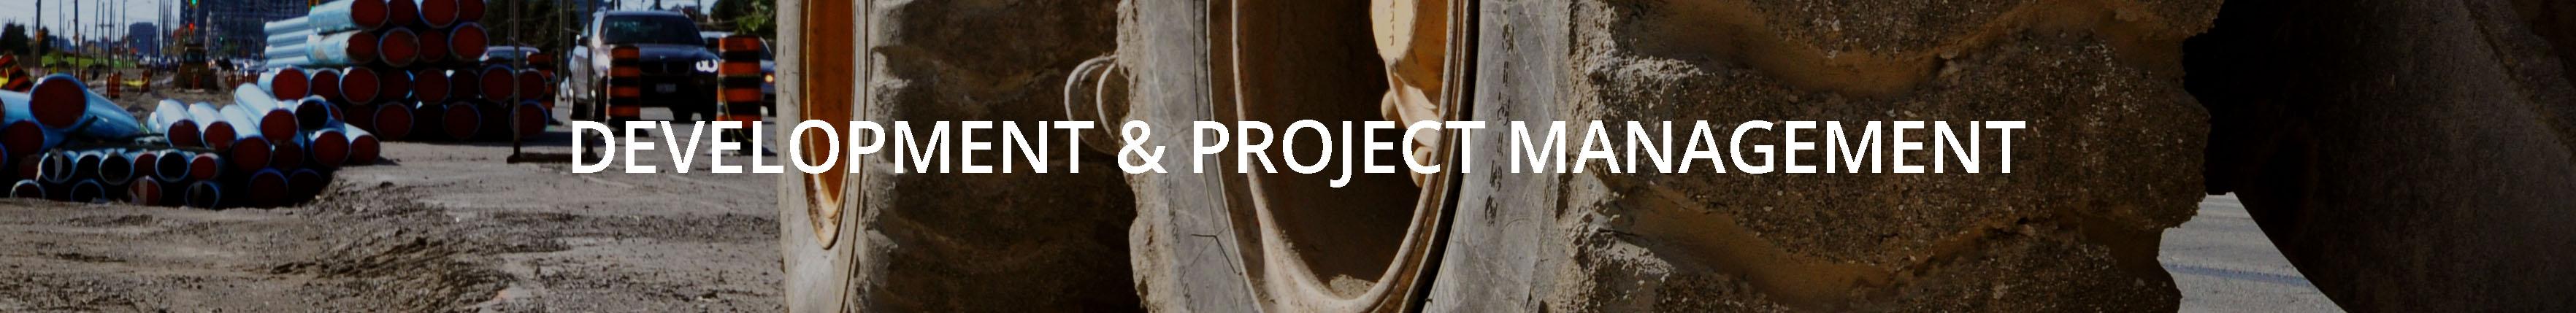 development management project management